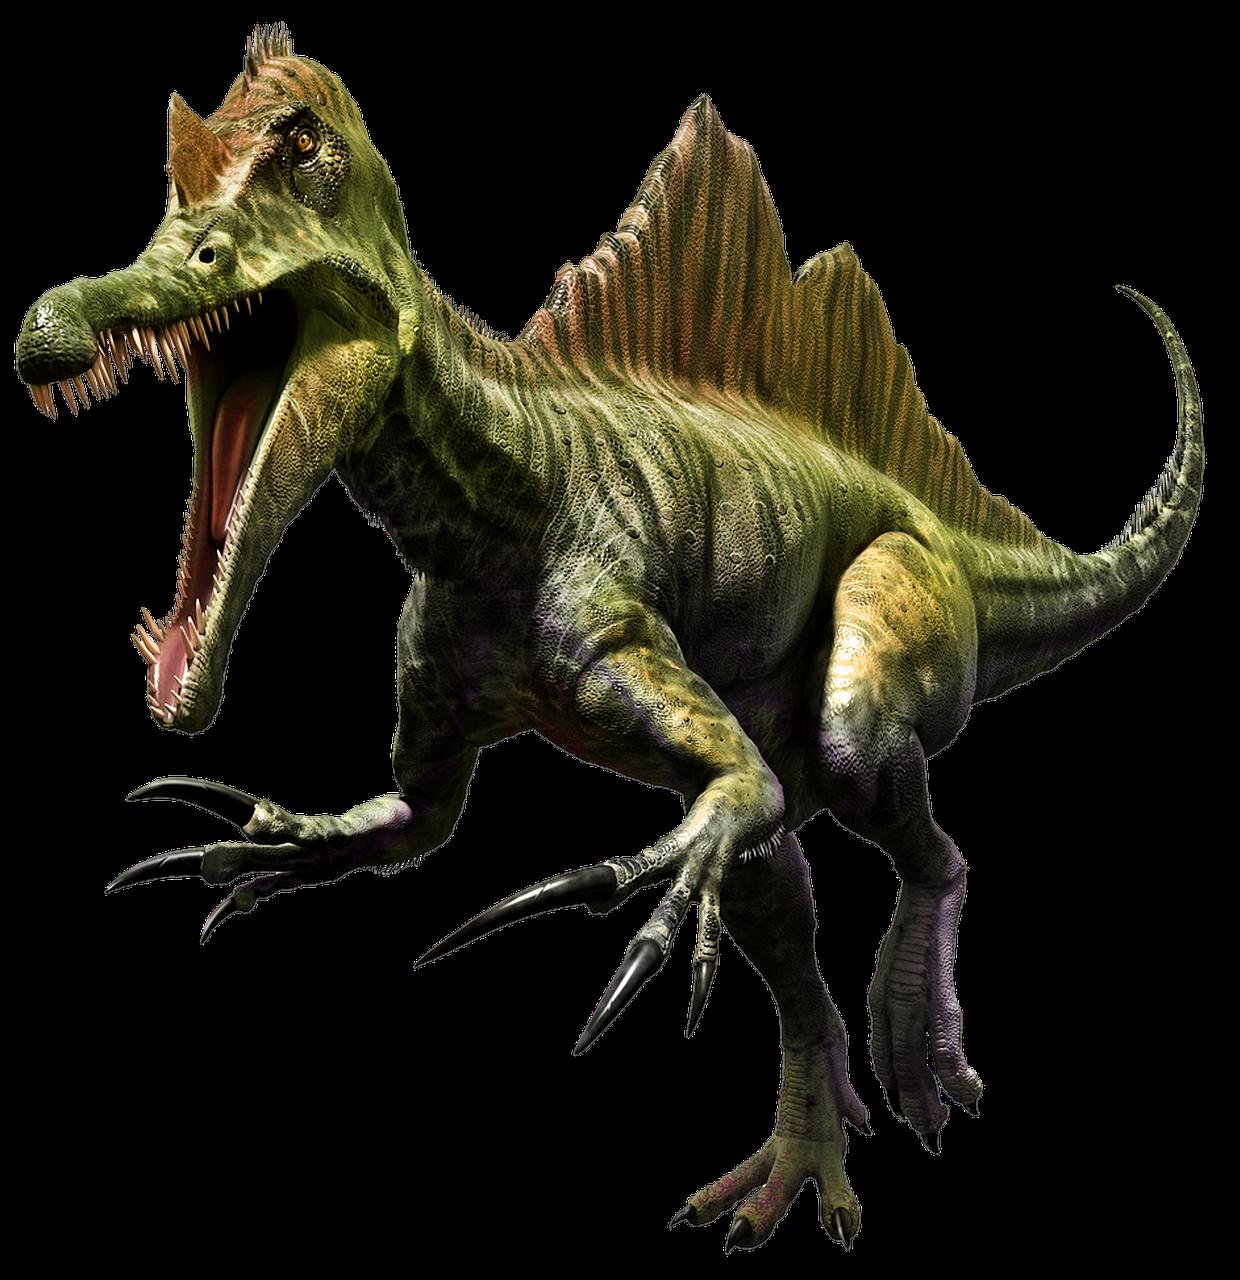 夢占い恐竜4:恐竜に追いかけられる夢